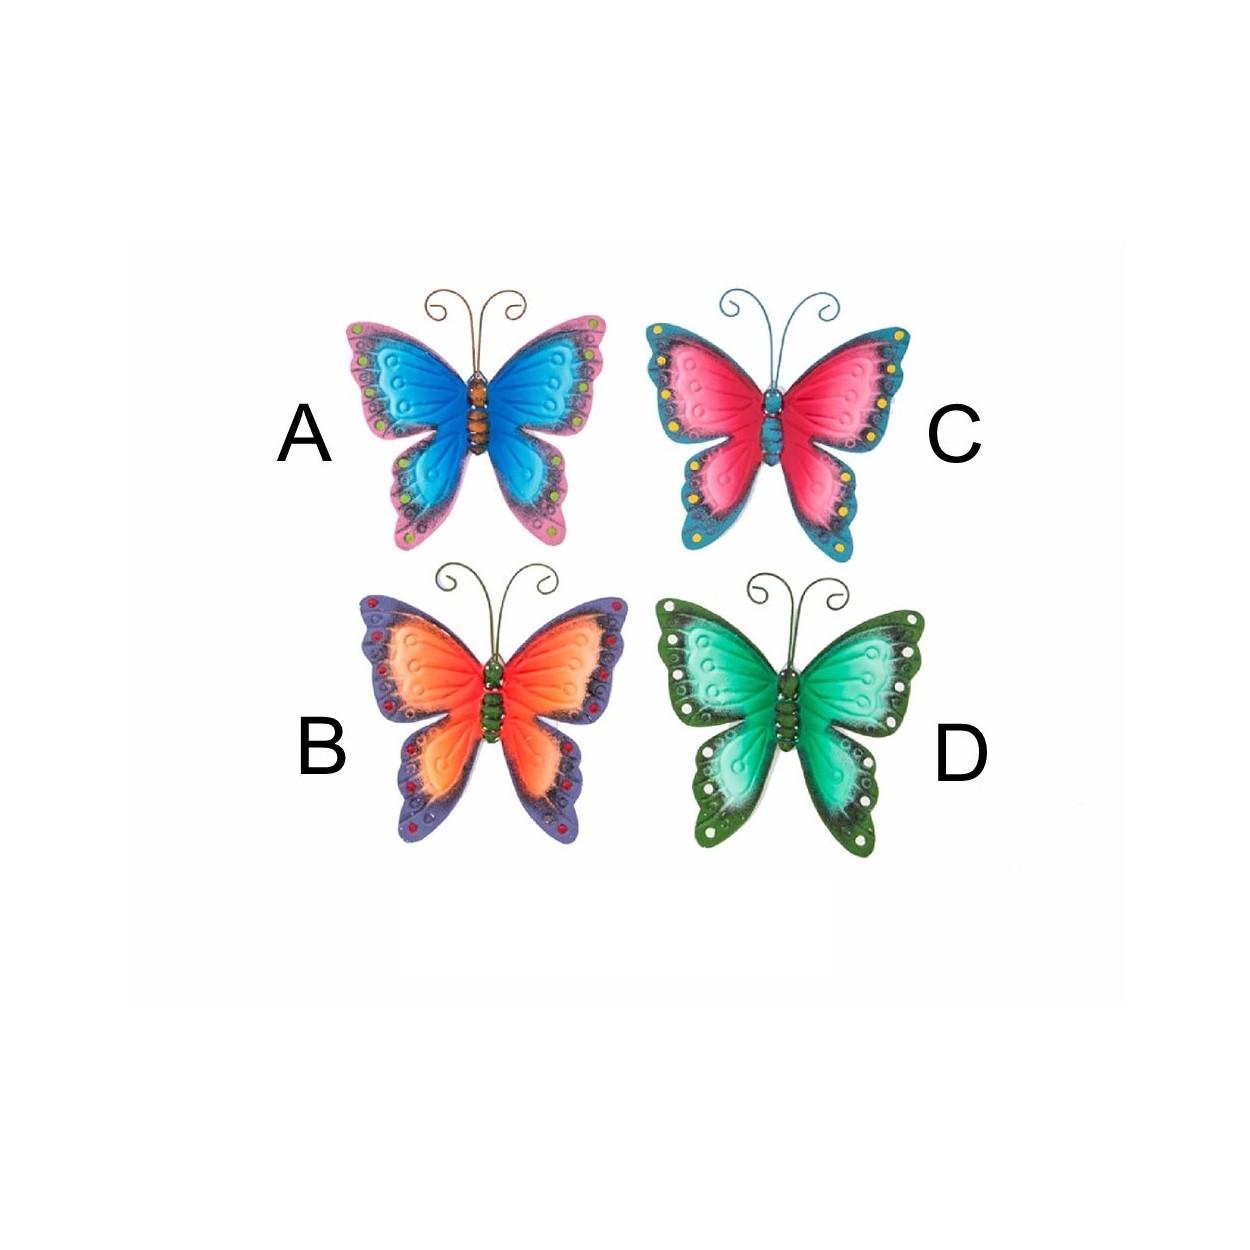 Decoraci n de pared en metal modelo mariposas for Figuras de metal para decorar paredes